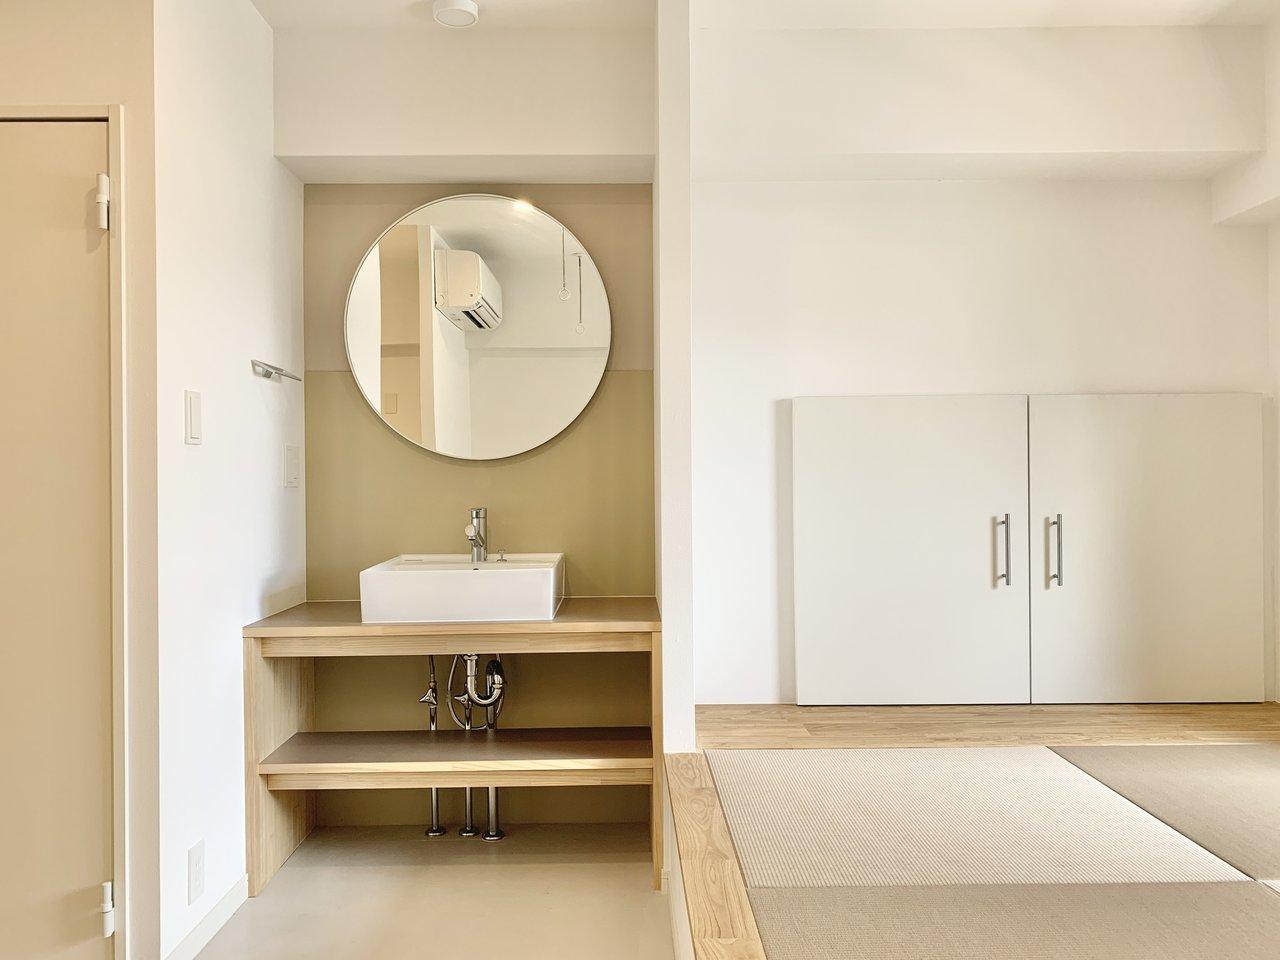 洗面台の丸い鏡のデザインも可愛らしいです。